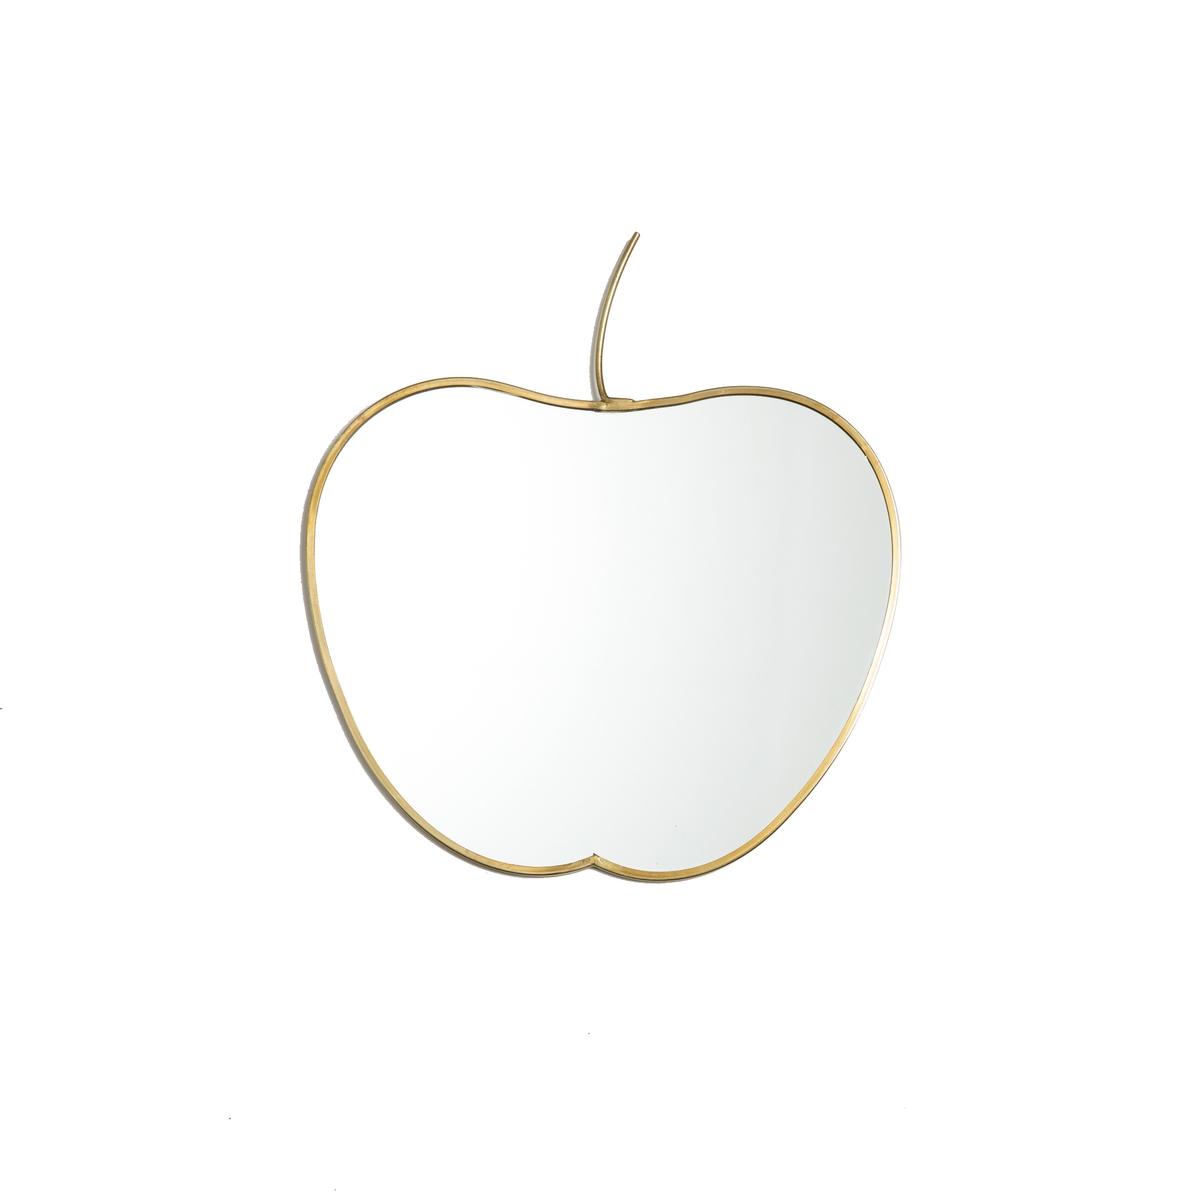 Зеркало La Redoute В форме яблока В см Appuru единый размер желтый зеркало la redoute из ротанга в форме яблока nogu единый размер бежевый